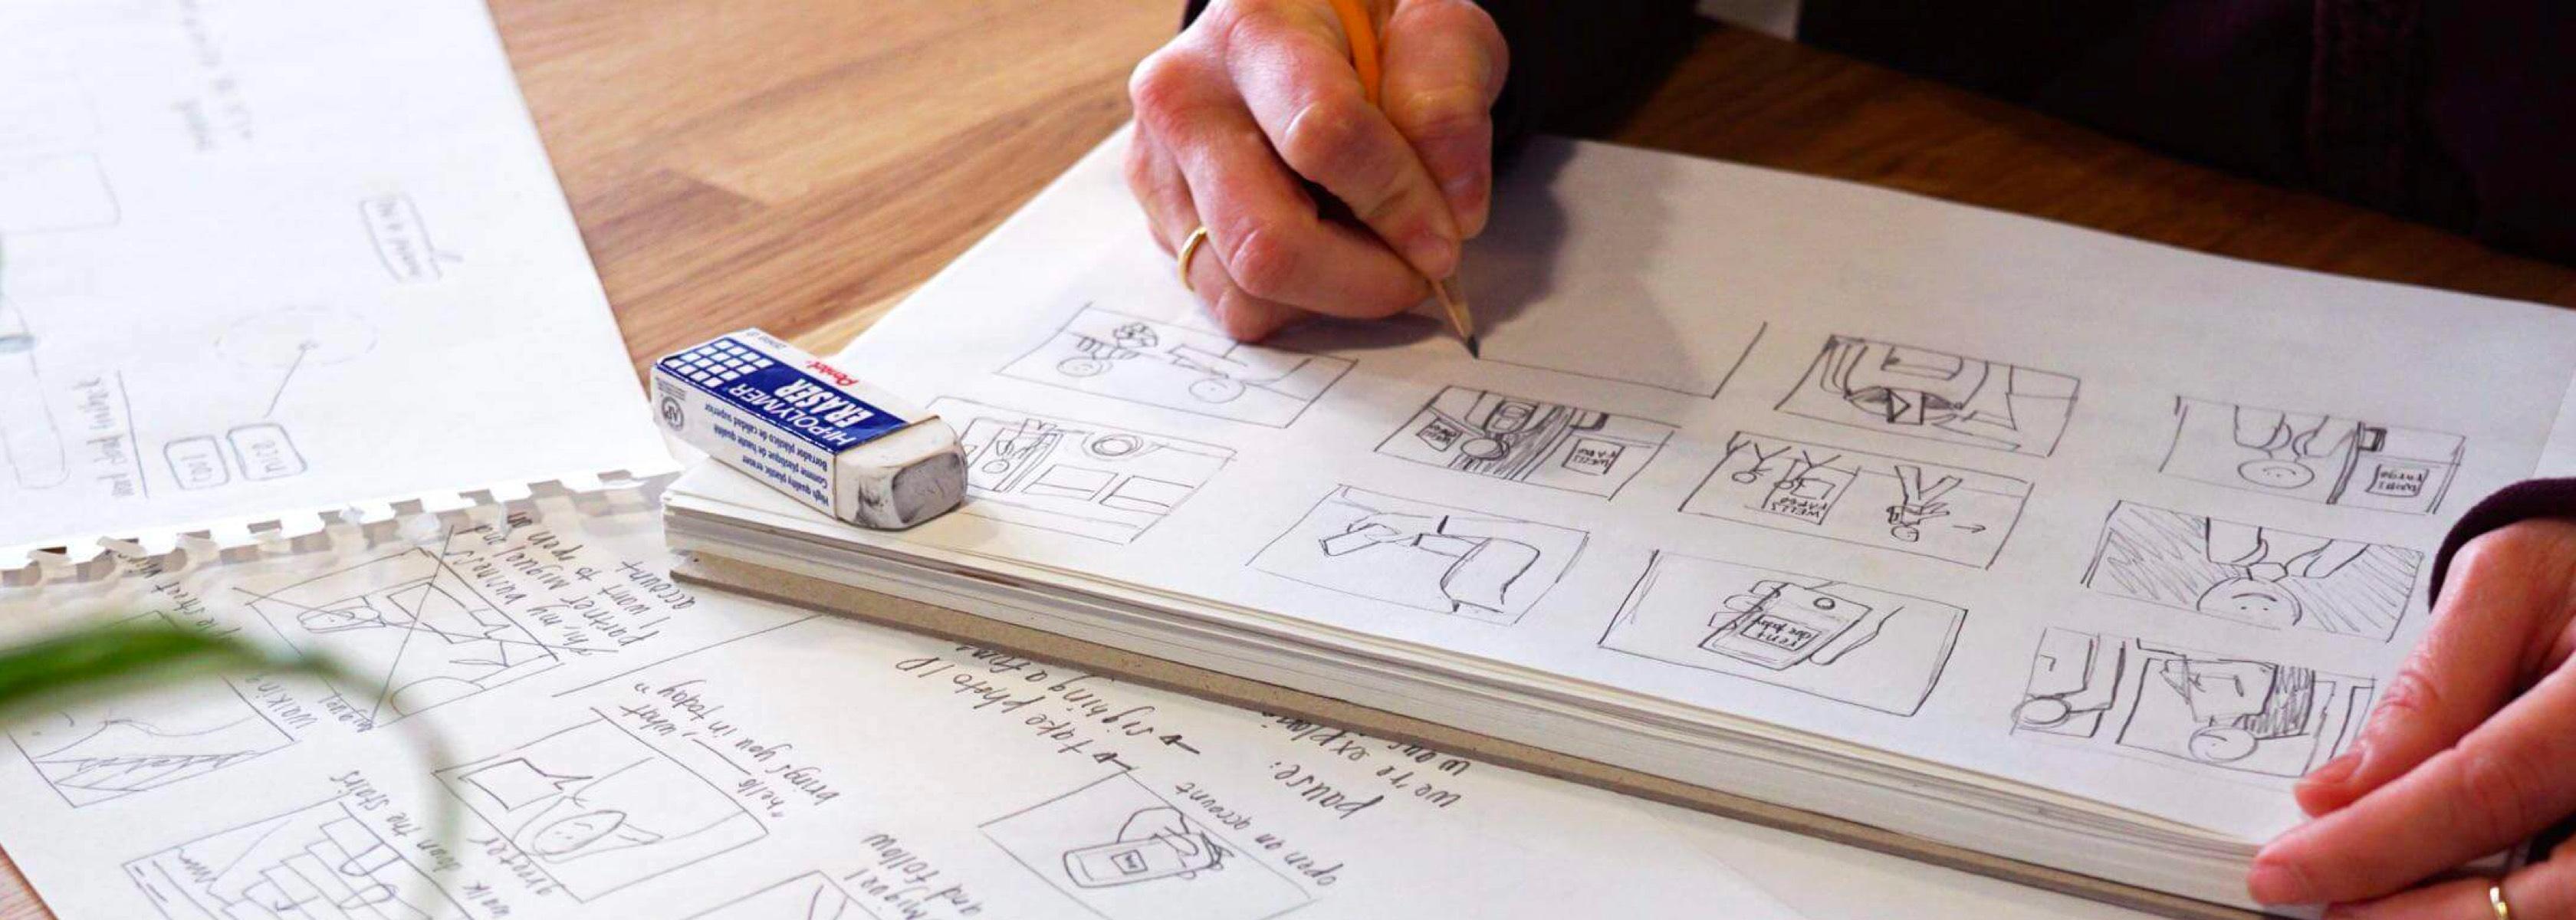 Wells Fargo Labs Concept Sketching